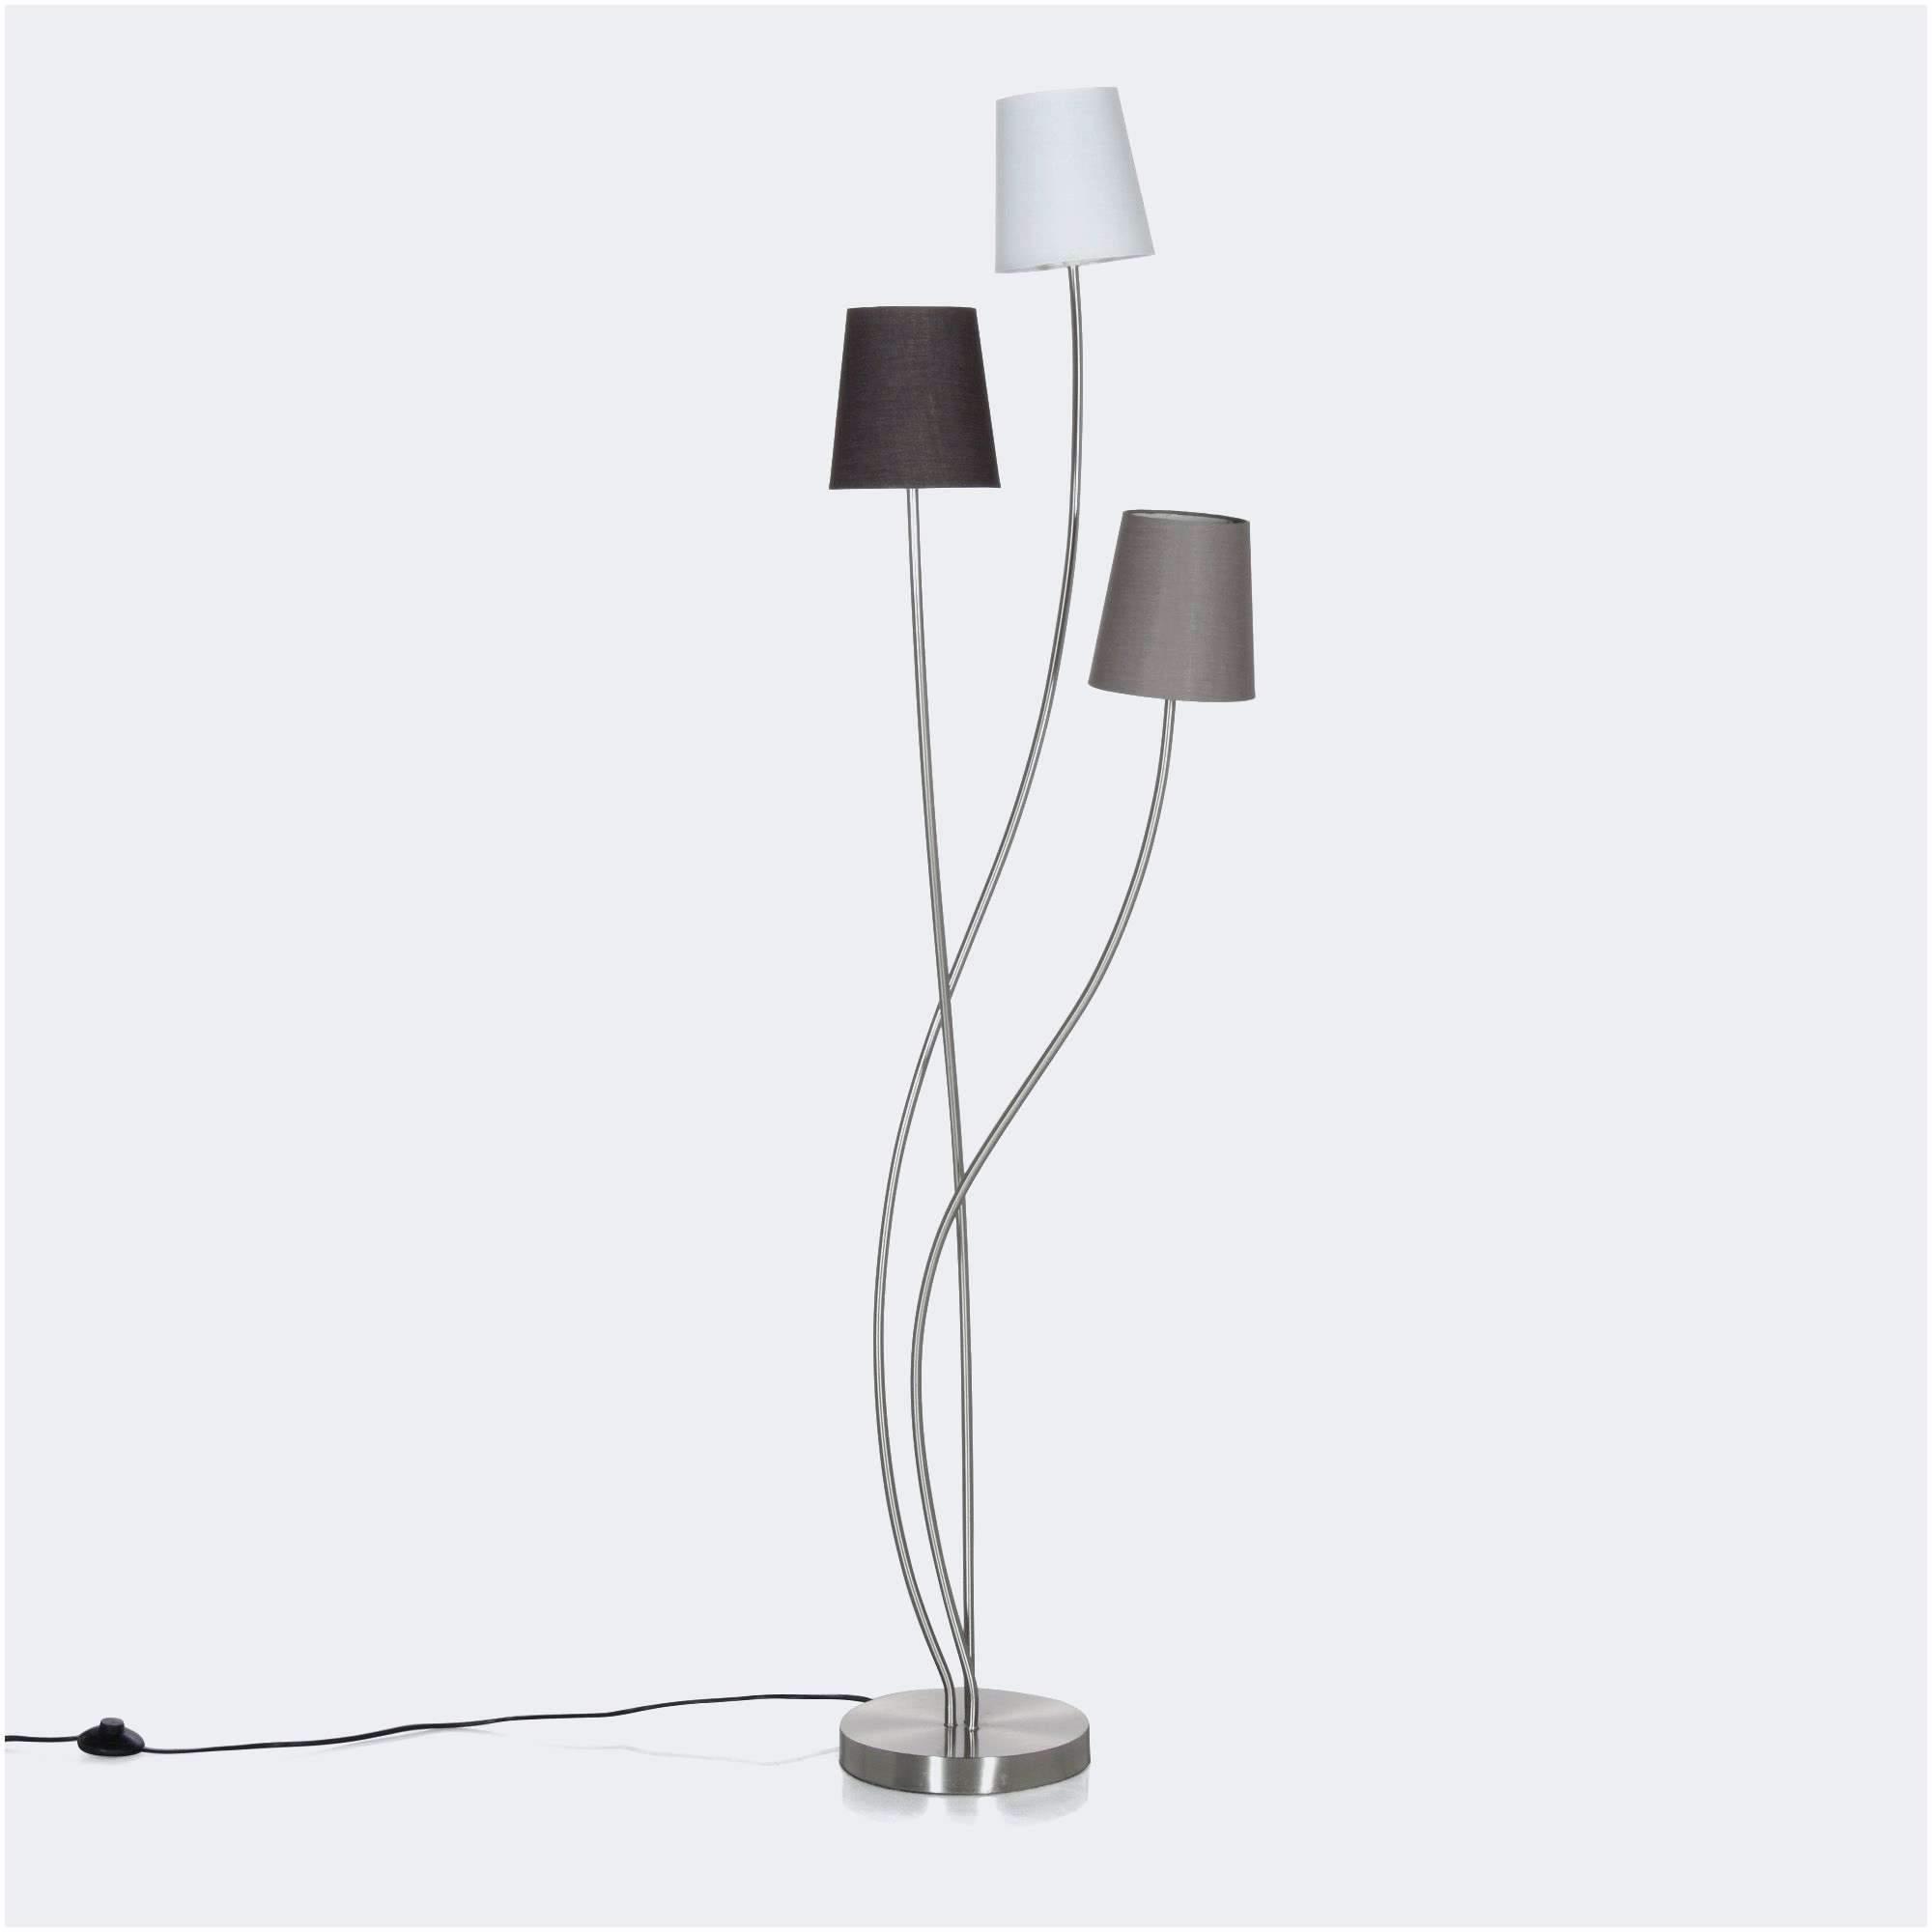 Full Size of Ikea Lampen Wohnzimmer Neu 25 Beste Inspiration Zu Miniküche Küche Kosten Betten Bei 160x200 Sofa Mit Schlaffunktion Kaufen Modulküche Wohnzimmer Wohnzimmerlampen Ikea